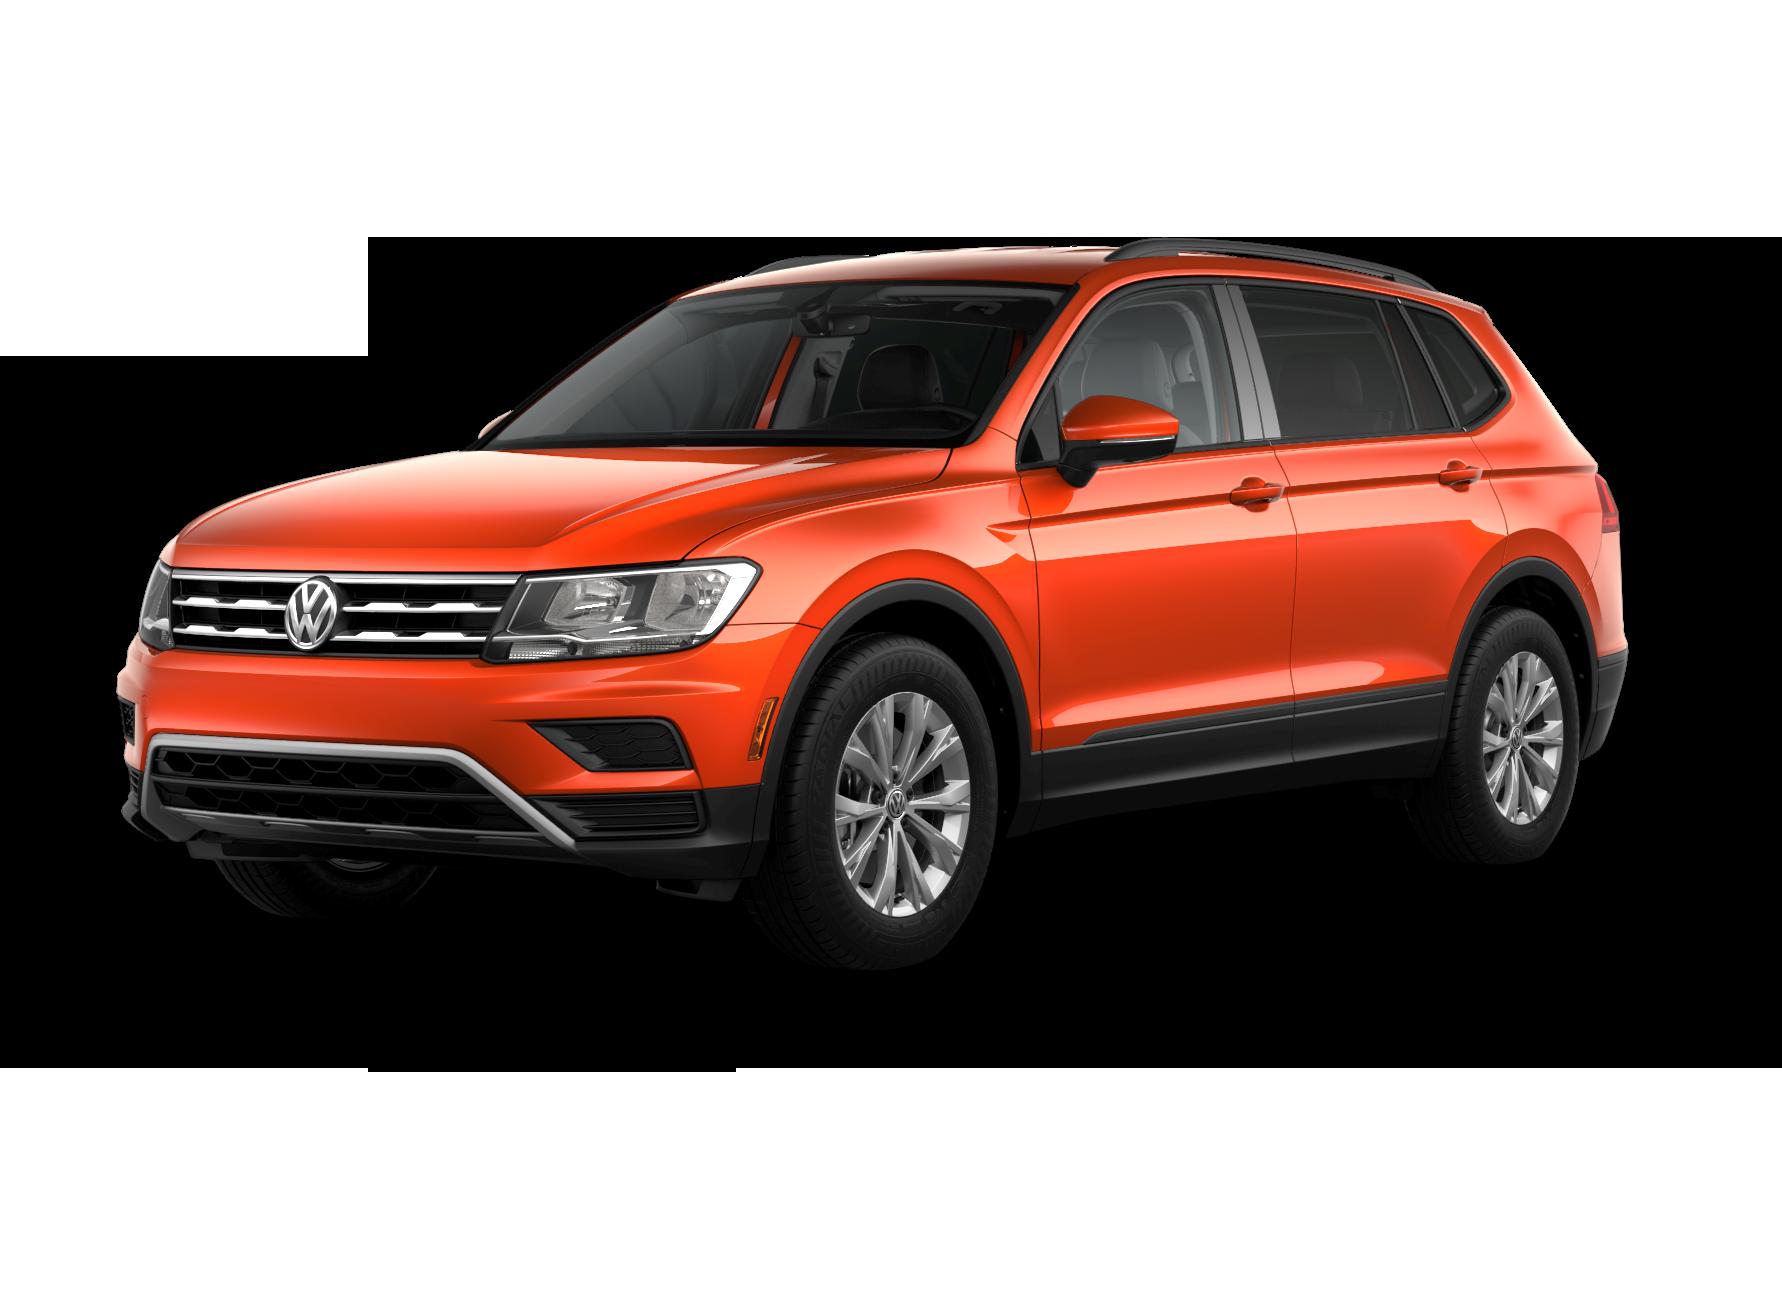 2019 Tiguan Volkswagen Of St Augustine Specials St Augustine Fl